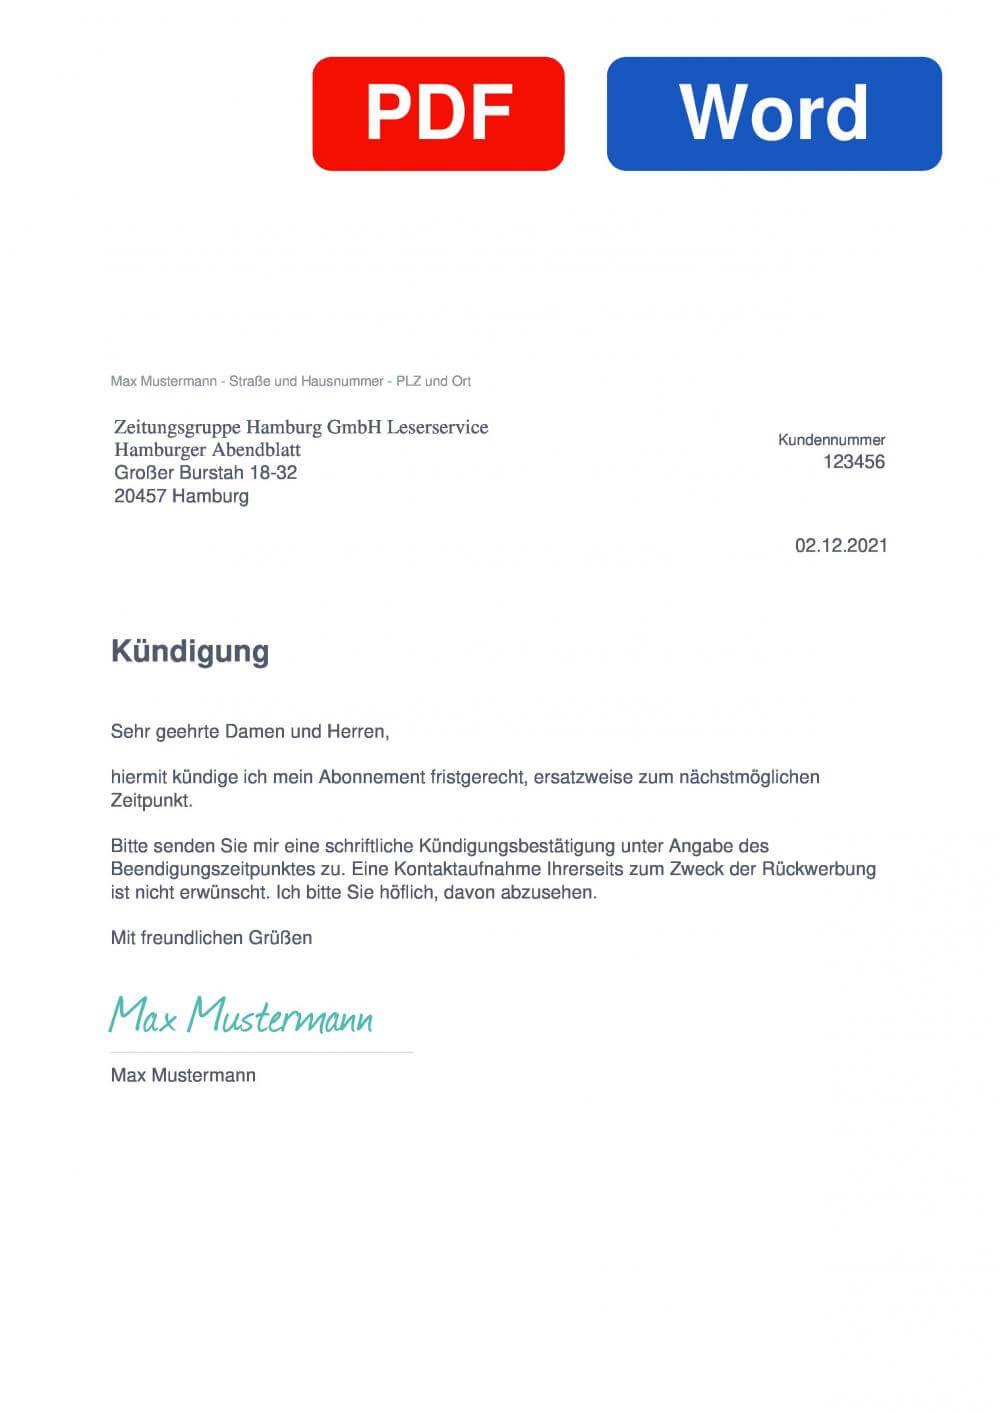 Hamburger Abendblatt Muster Vorlage für Kündigungsschreiben